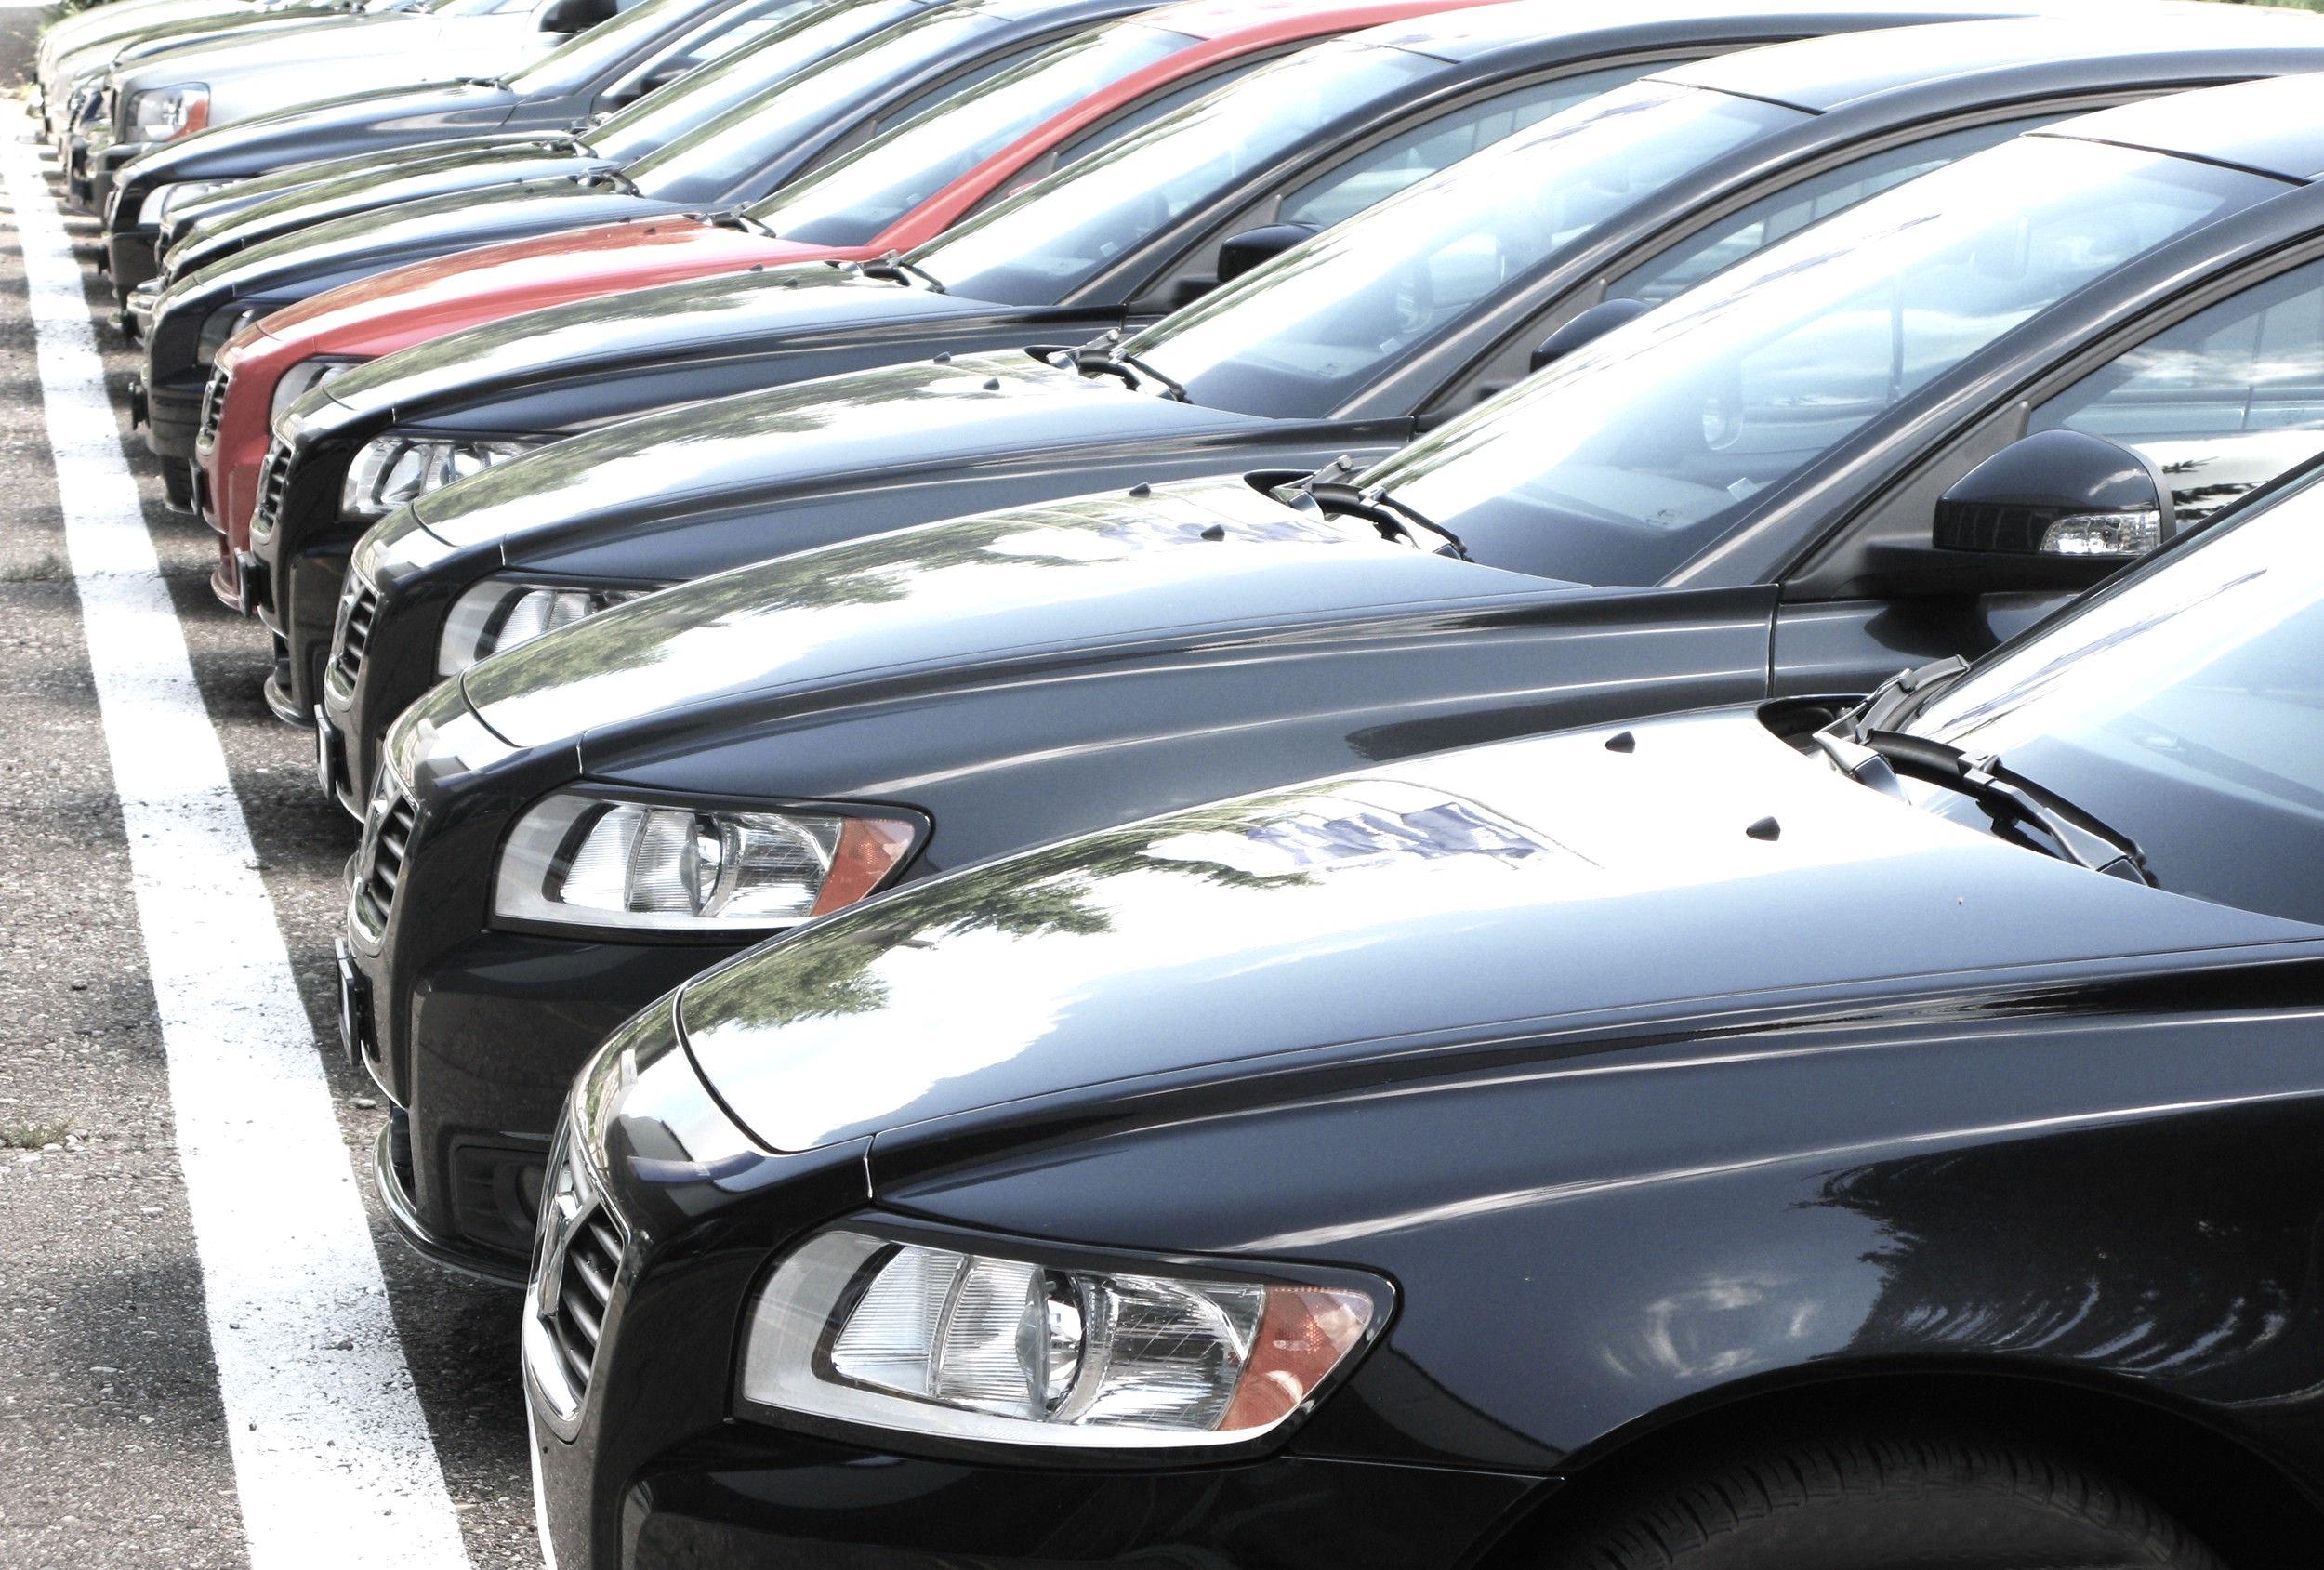 Car rental. Connected rentals will transform